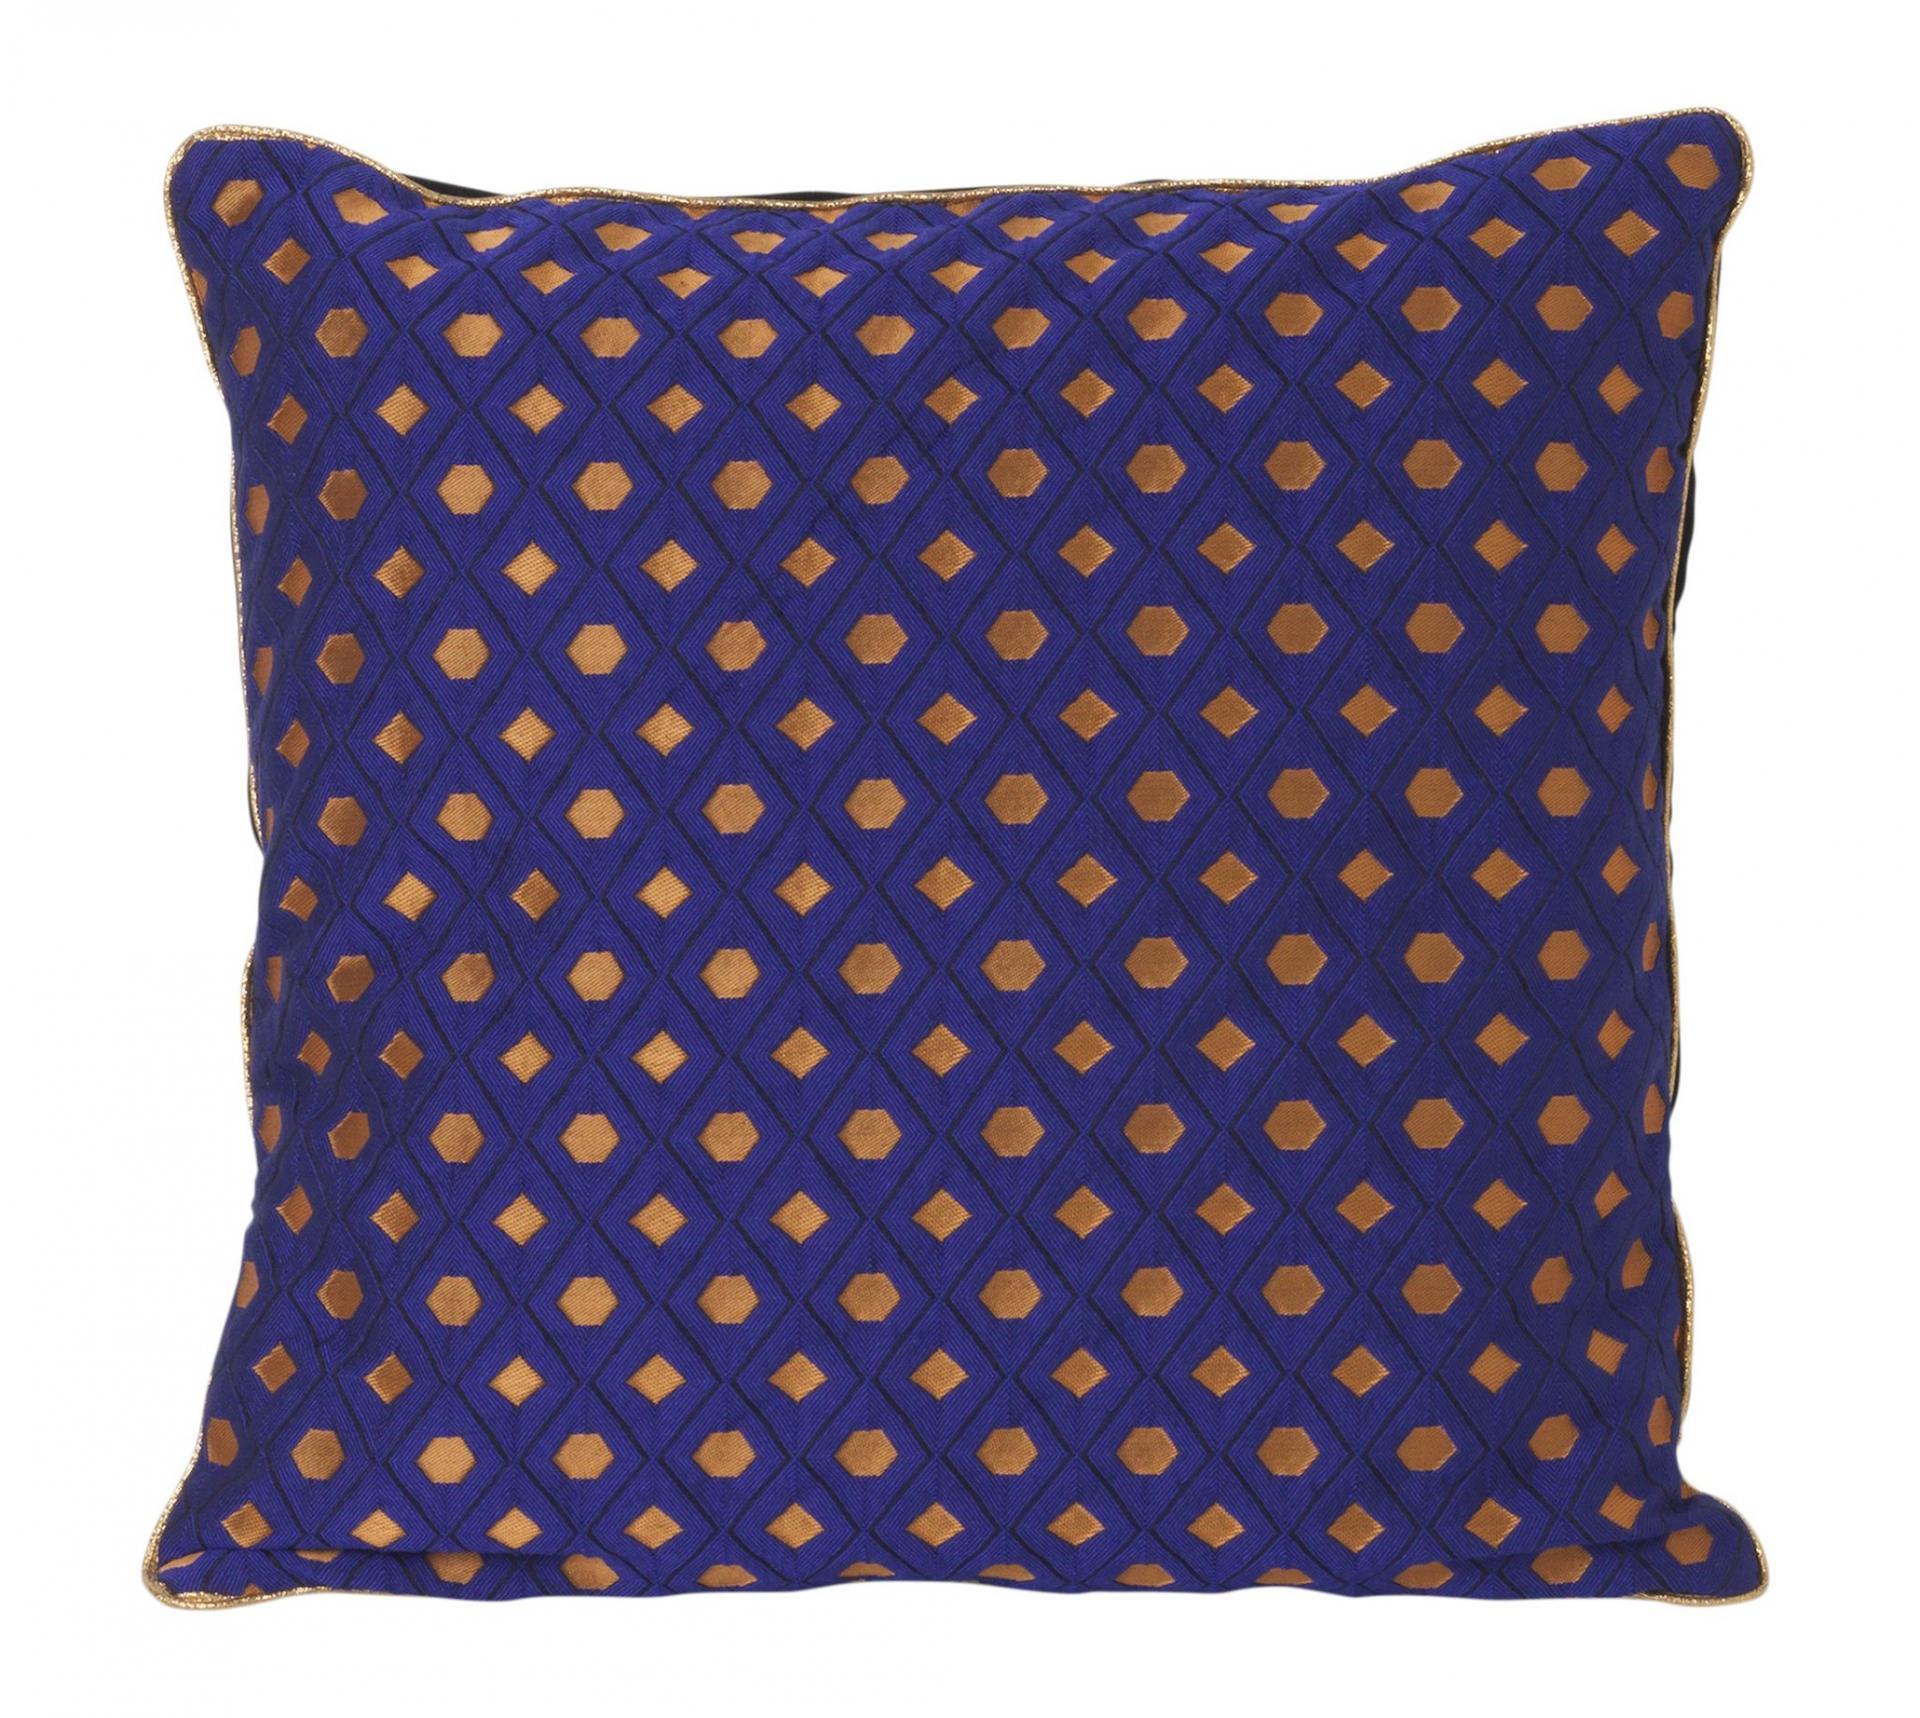 ferm LIVING Péřový polštář Salon Cushion 40x40 cm, modrá barva, měděná barva, textil